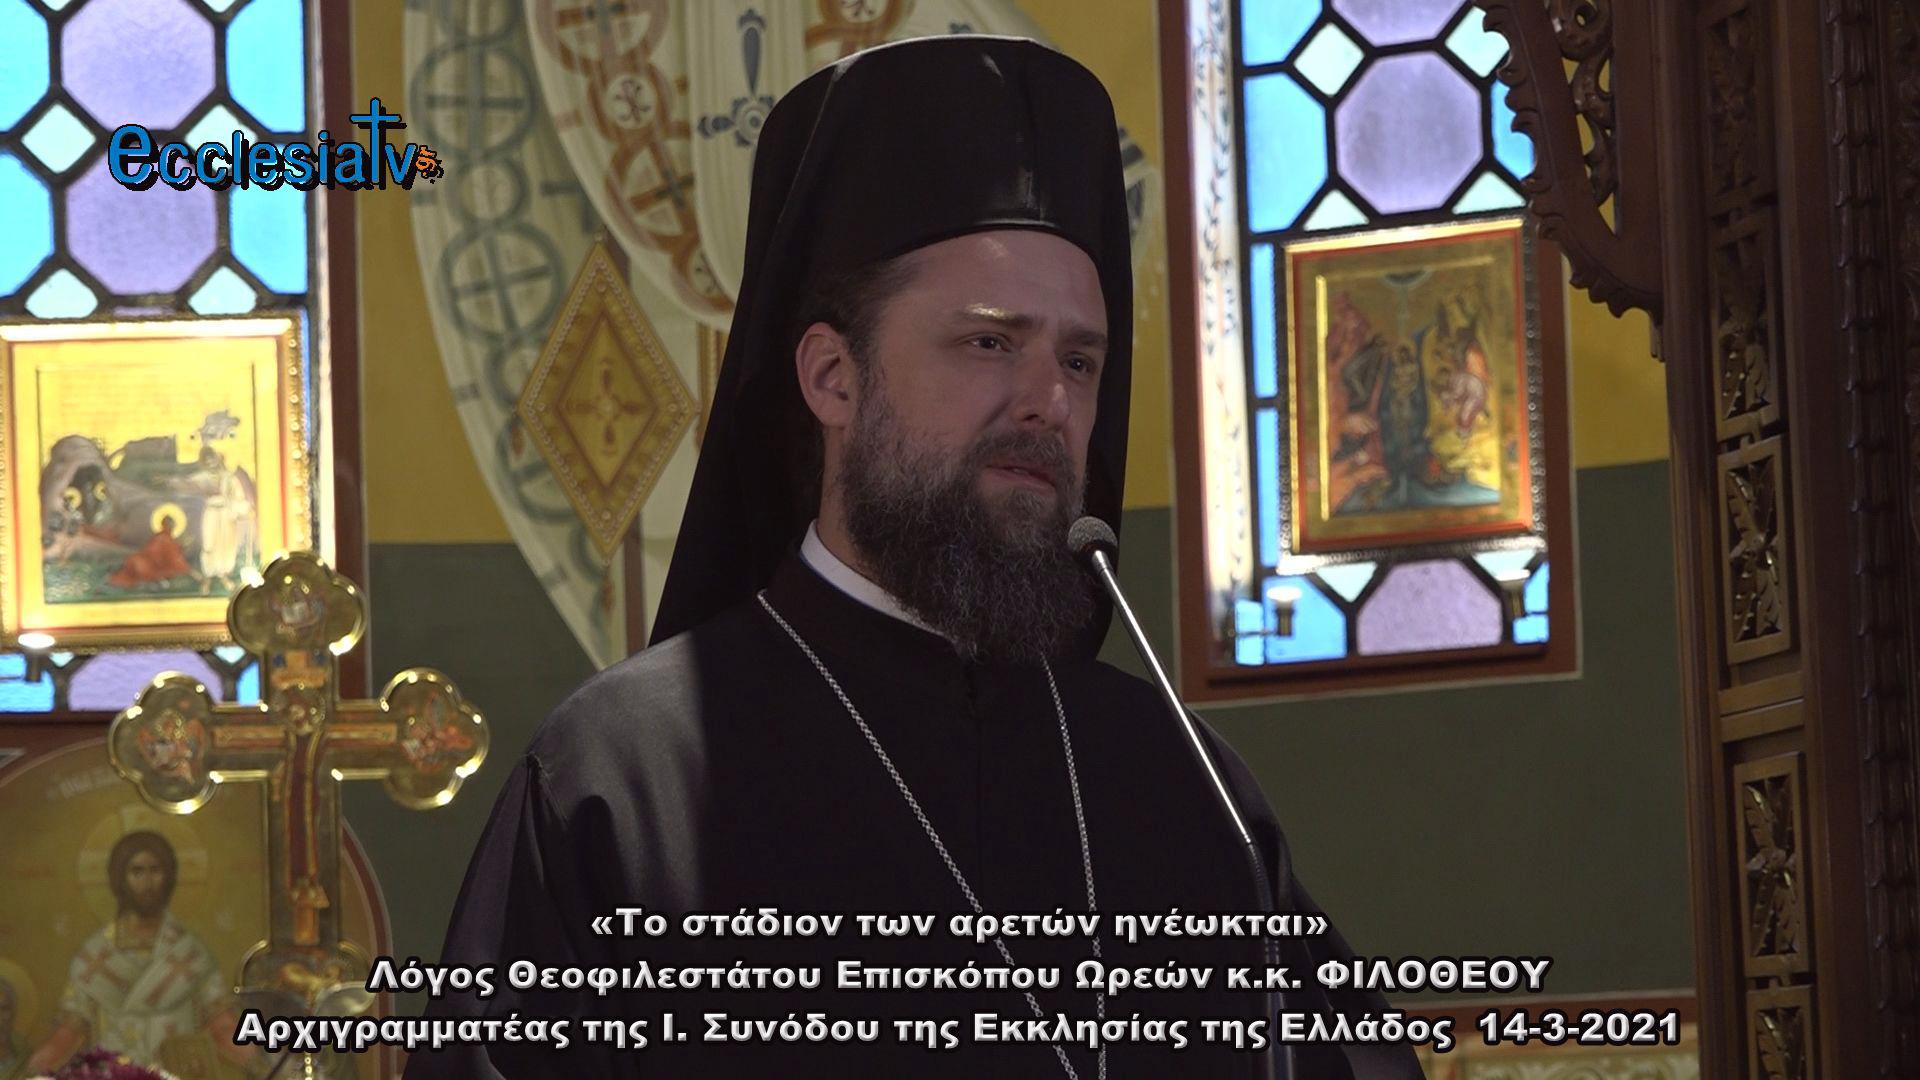 «Το στάδιον των αρετών ηνέωκται» Λόγος Θεοφιλεστάτου Επισκόπου Ωρεών κ.κ. ΦΙΛΟΘΕΟΥ Αρχιγραμματέας της Ι. Συνόδου της Εκκλησίας της Ελλάδος  14-3-2021